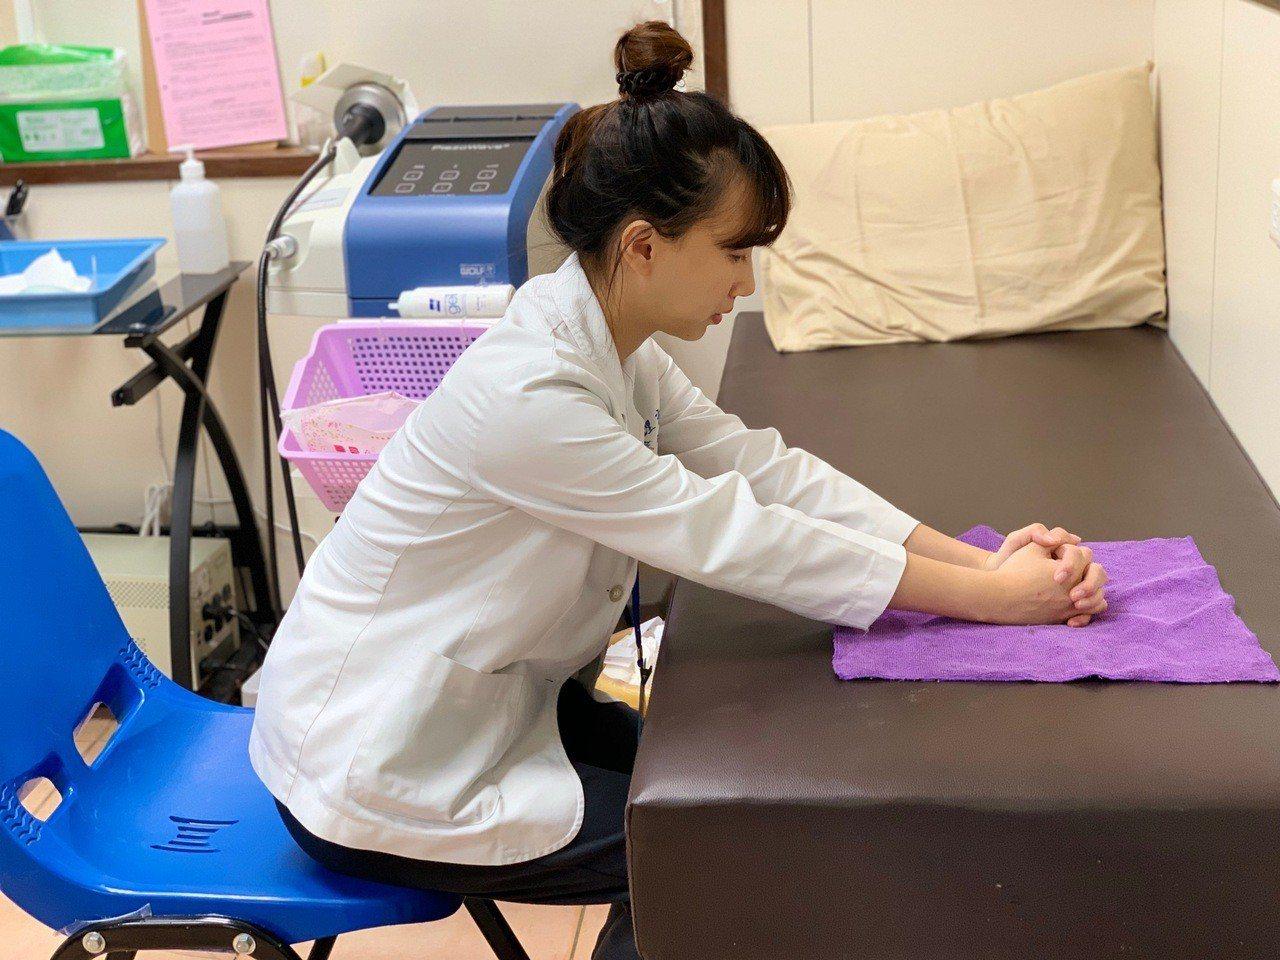 第三招推毛巾運動:坐在桌前,雙手互握置於毛巾上,盡量向前推出。可促進上肢肩胛活動...